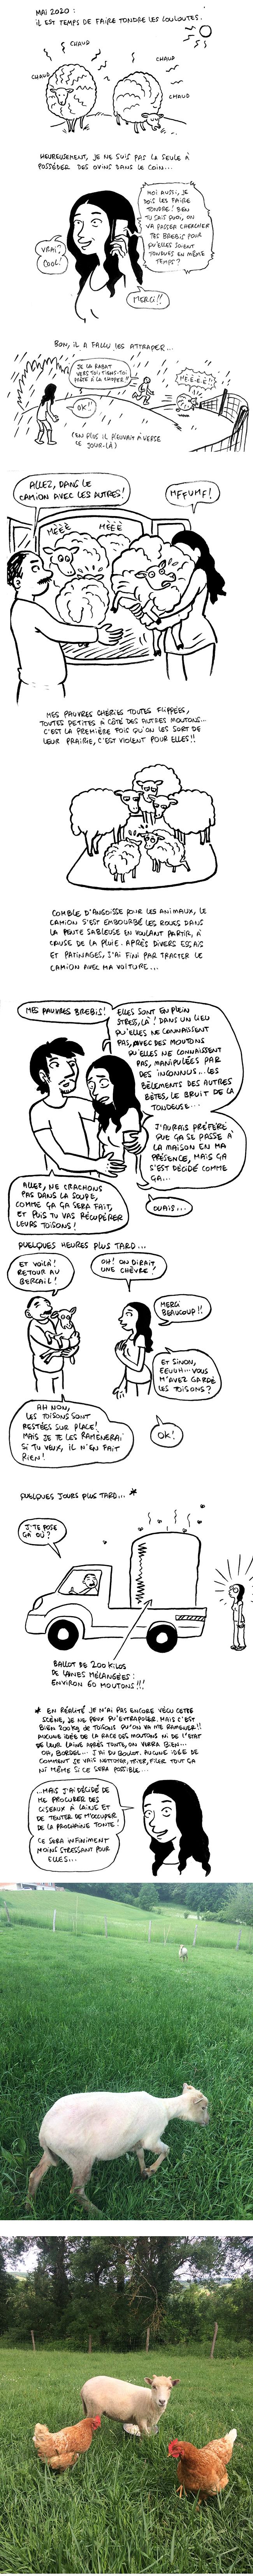 http://melaka.free.fr/blog/tonte.jpg